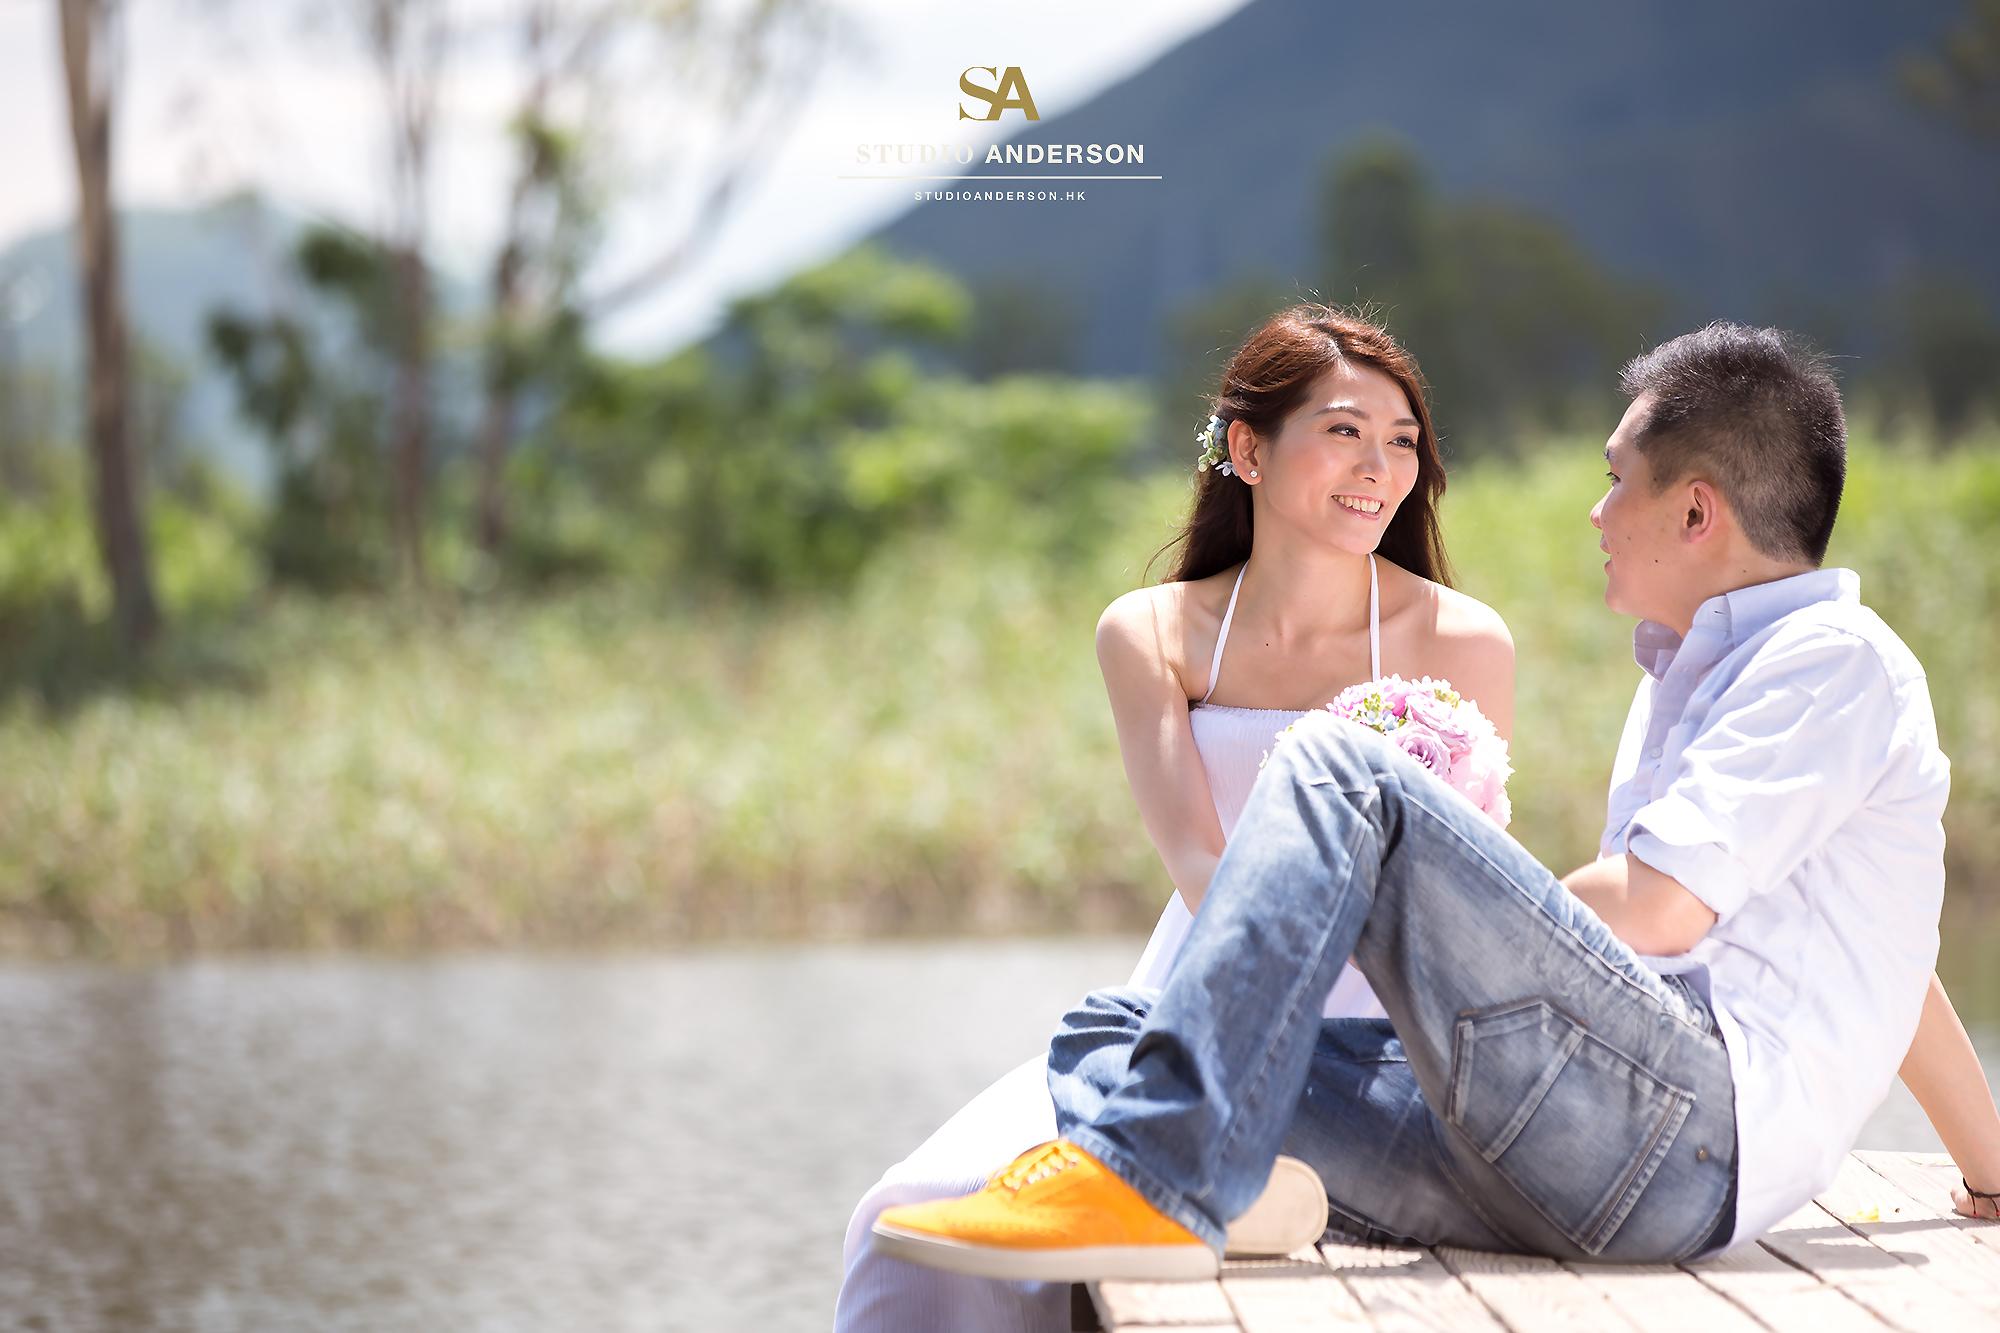 019 - Jay and Hang engagement (Watermark).jpg